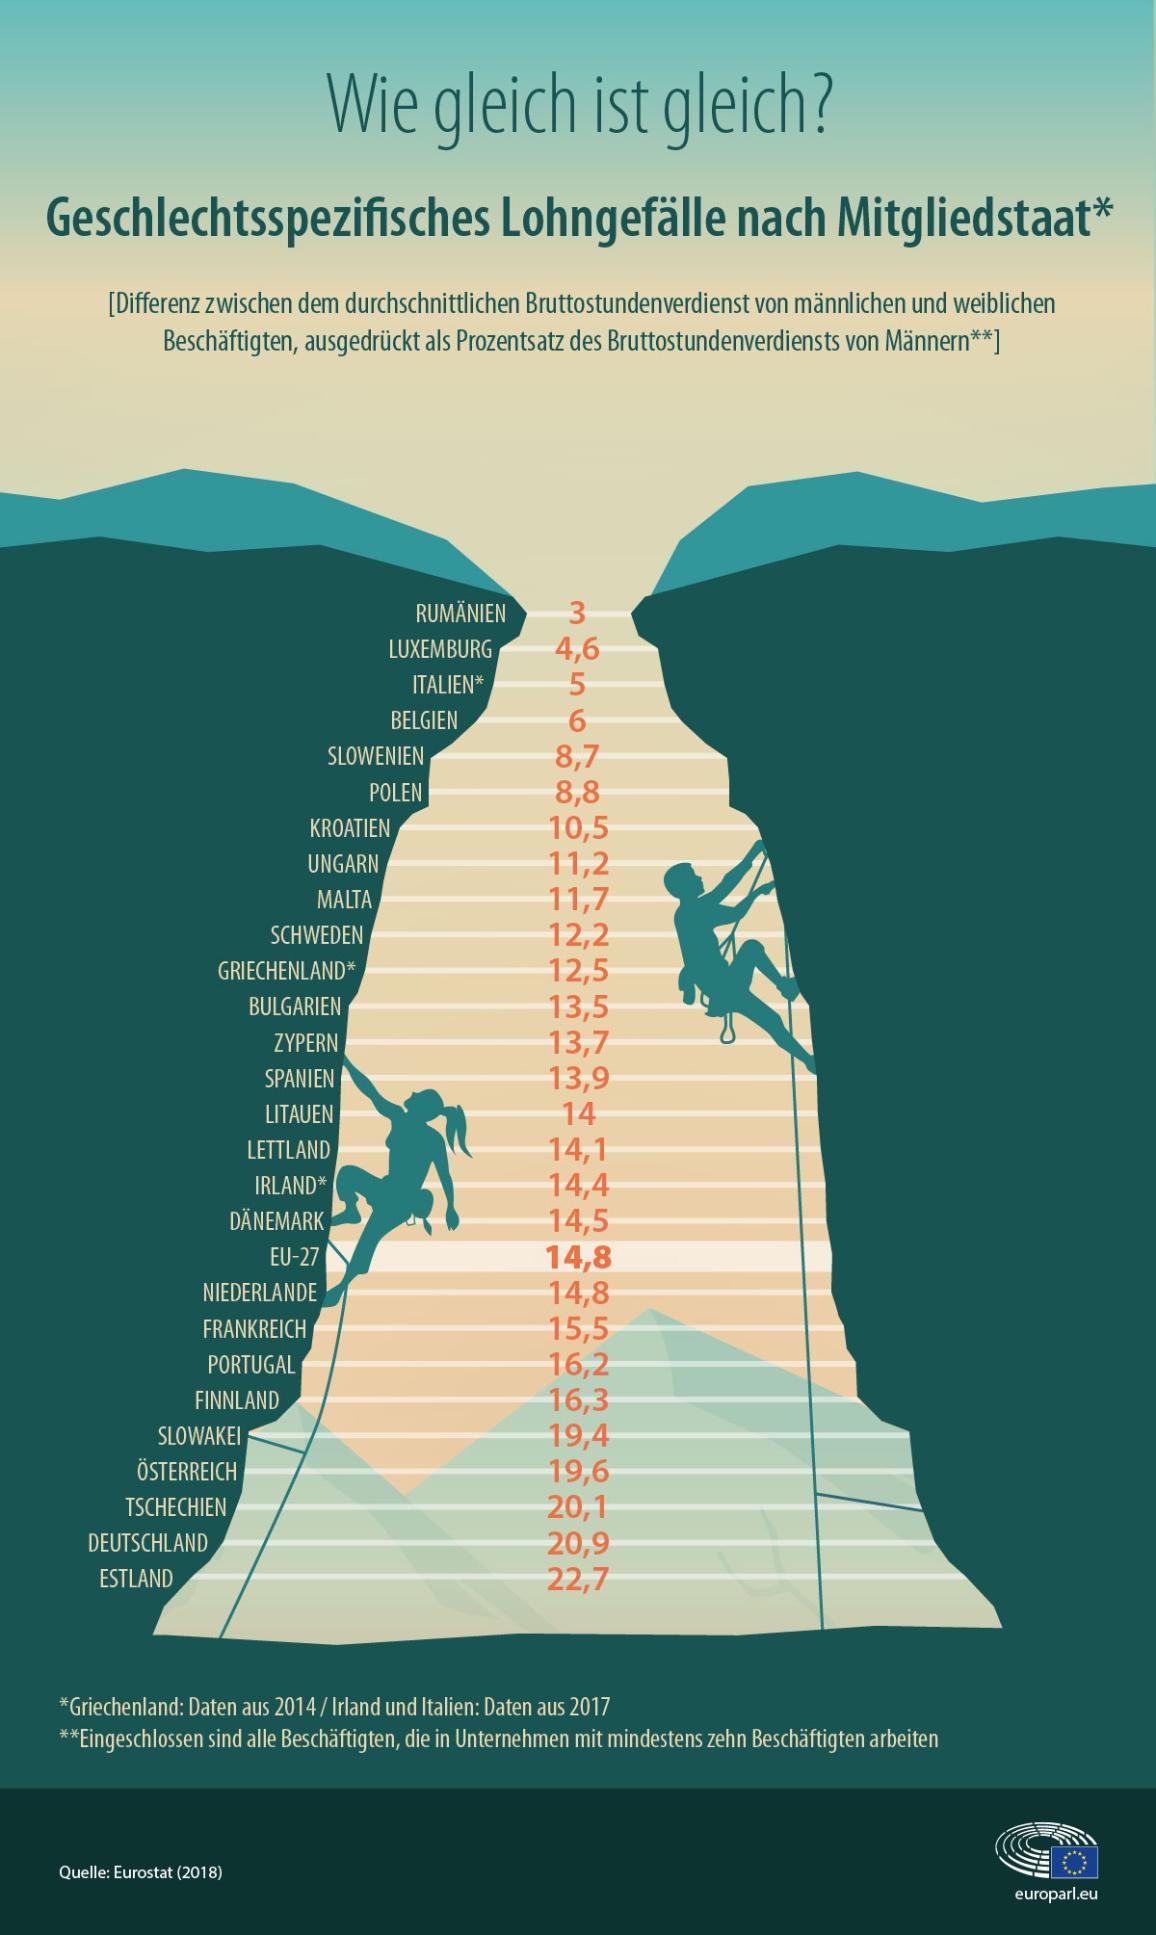 Infografik zum geschlechtsspezifischen Lohngefälle aufgeteilt nach Mitgliedstaaten der EU